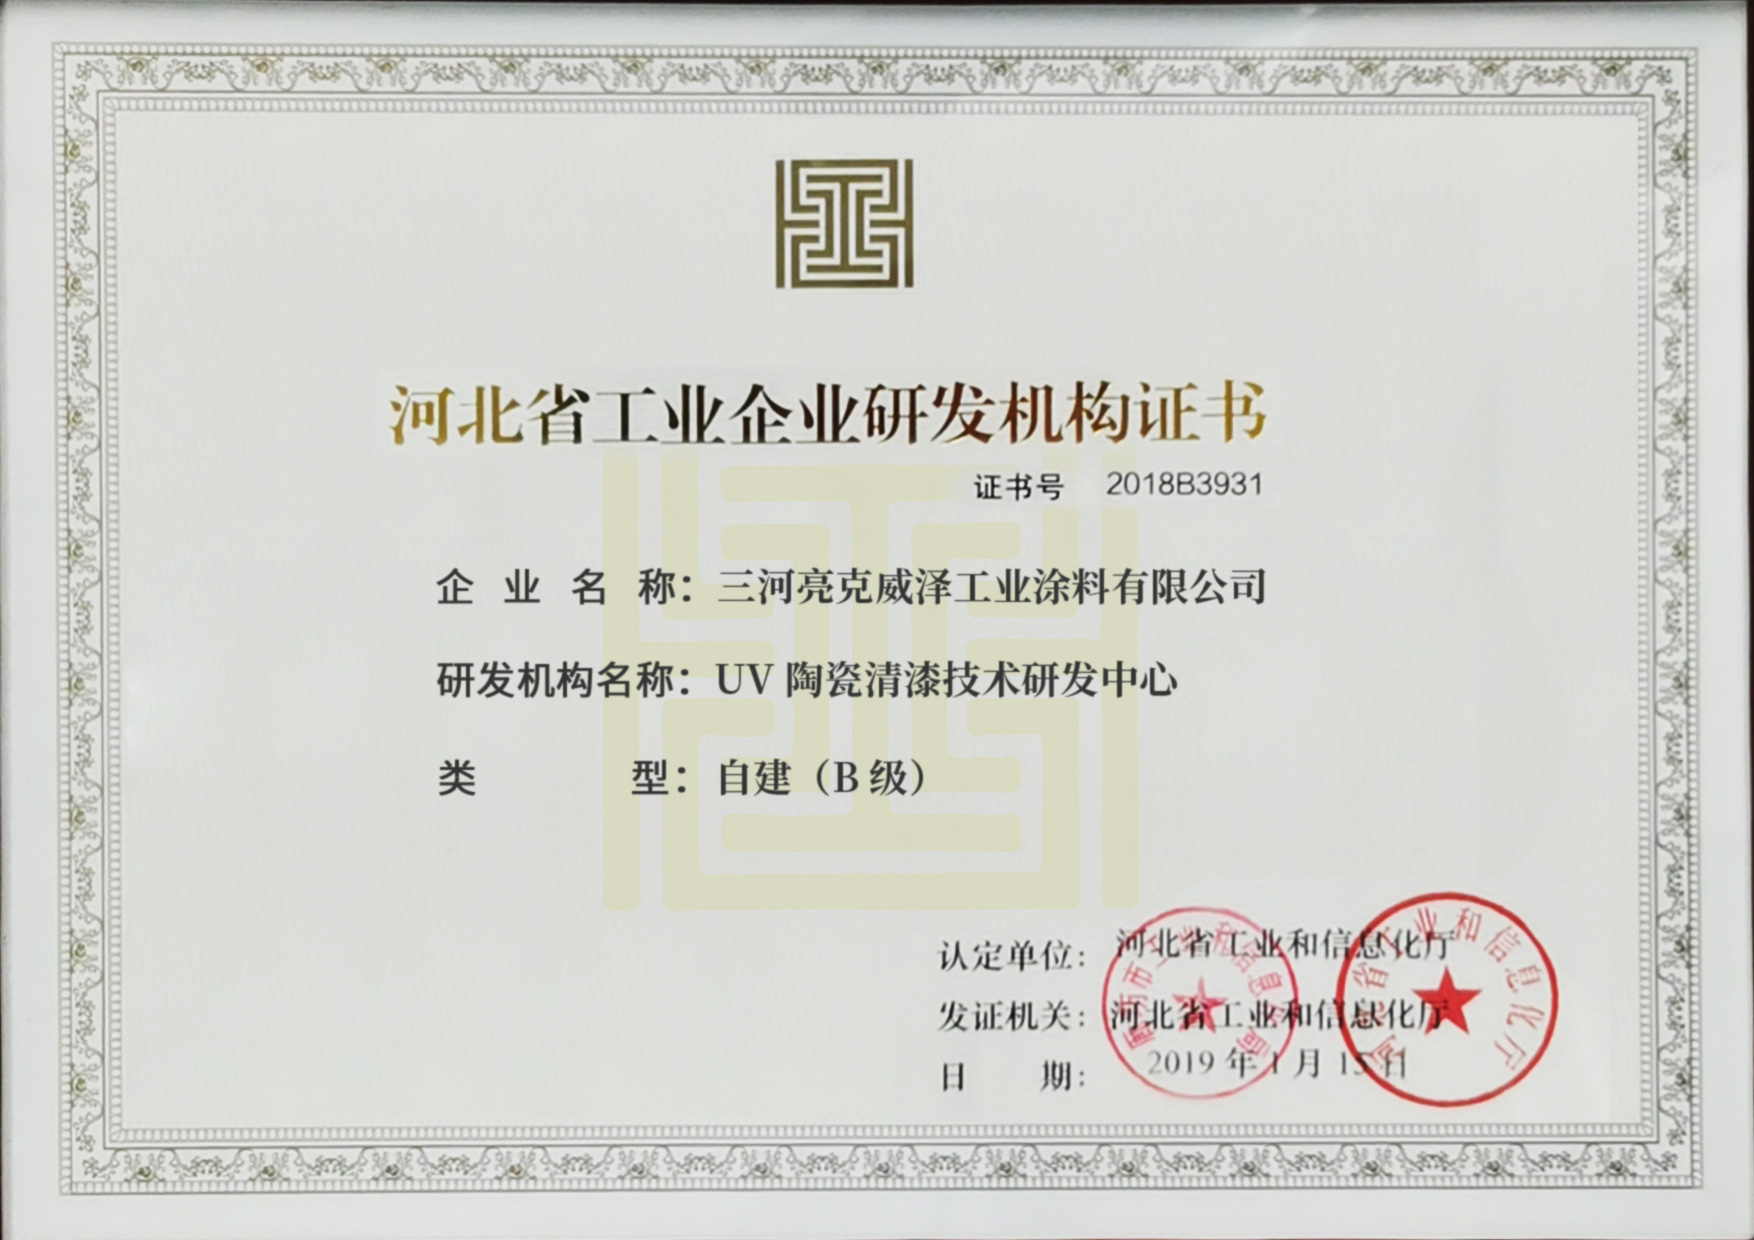 河北省UV陶瓷清漆技术研究中心